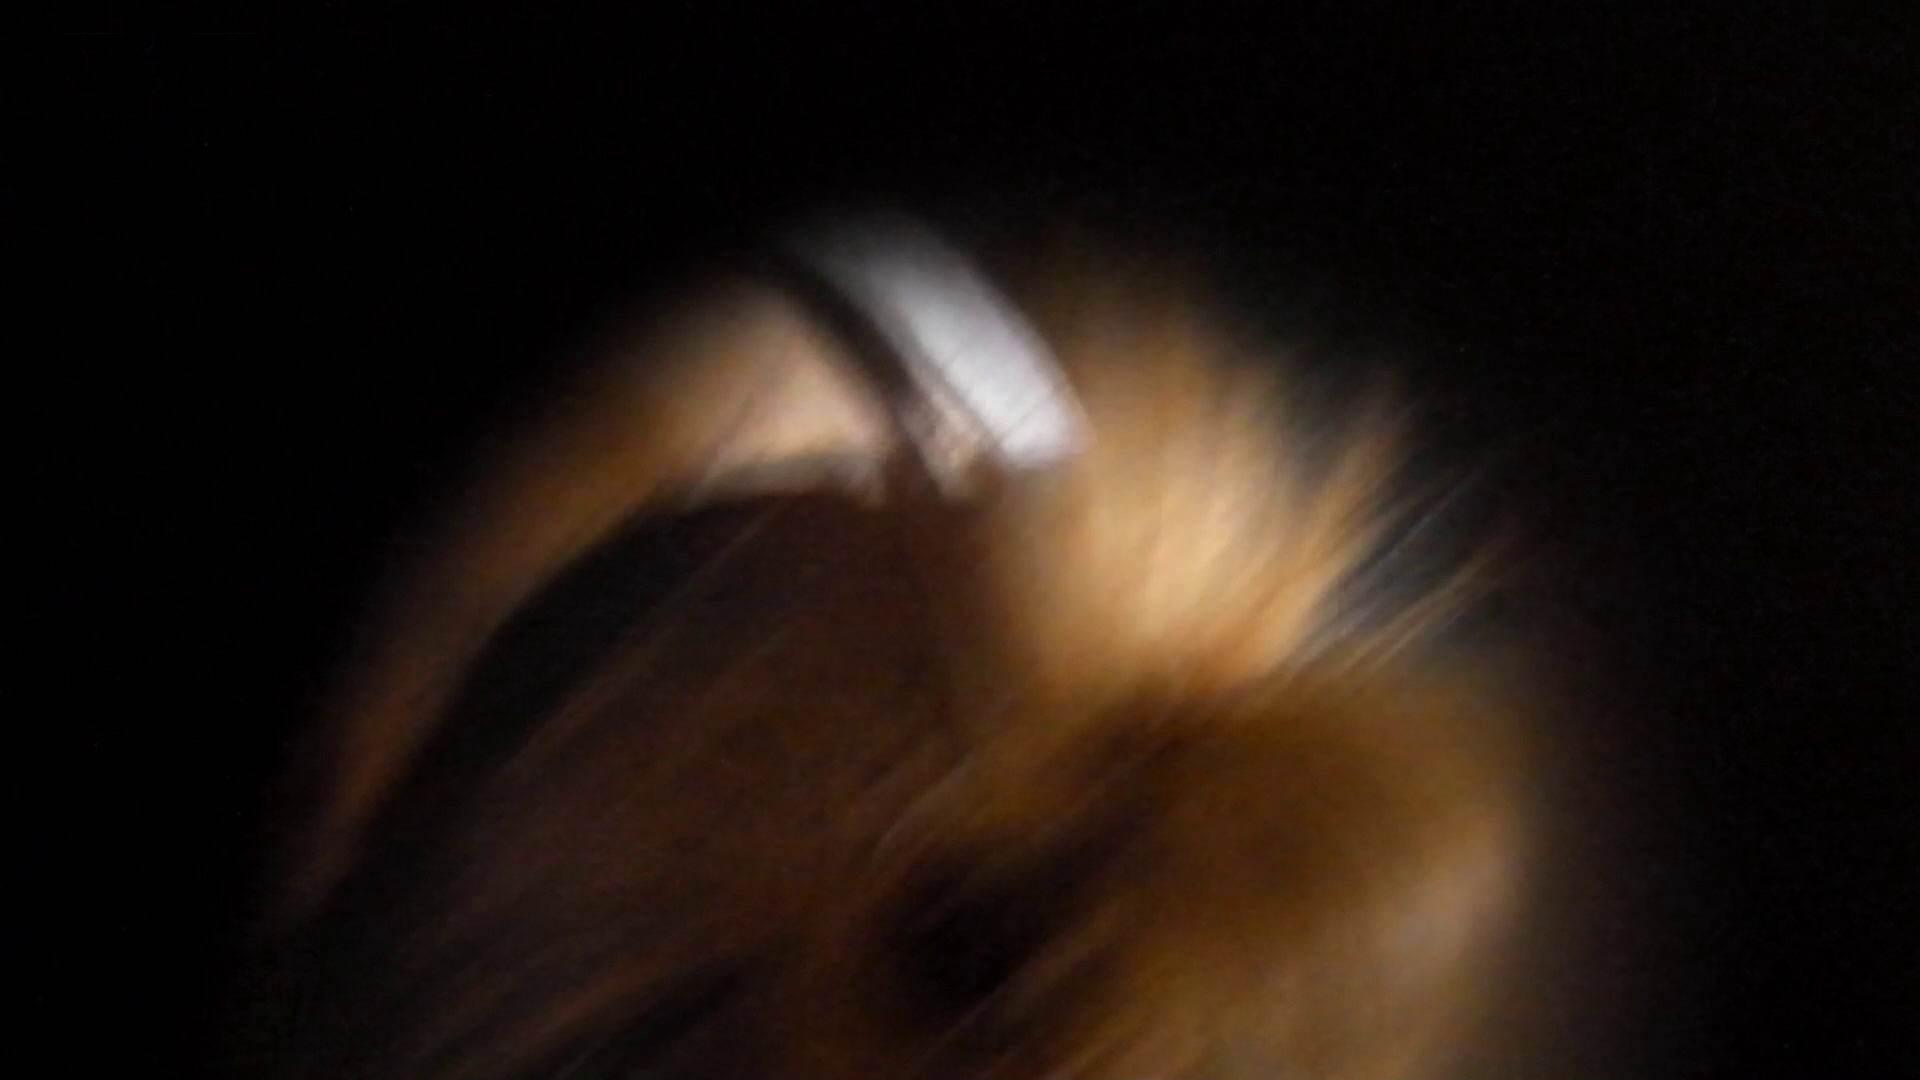 ステーション編 vol.33 勢い良すぎで足元ビショビショ。 高画質 オメコ無修正動画無料 111画像 71